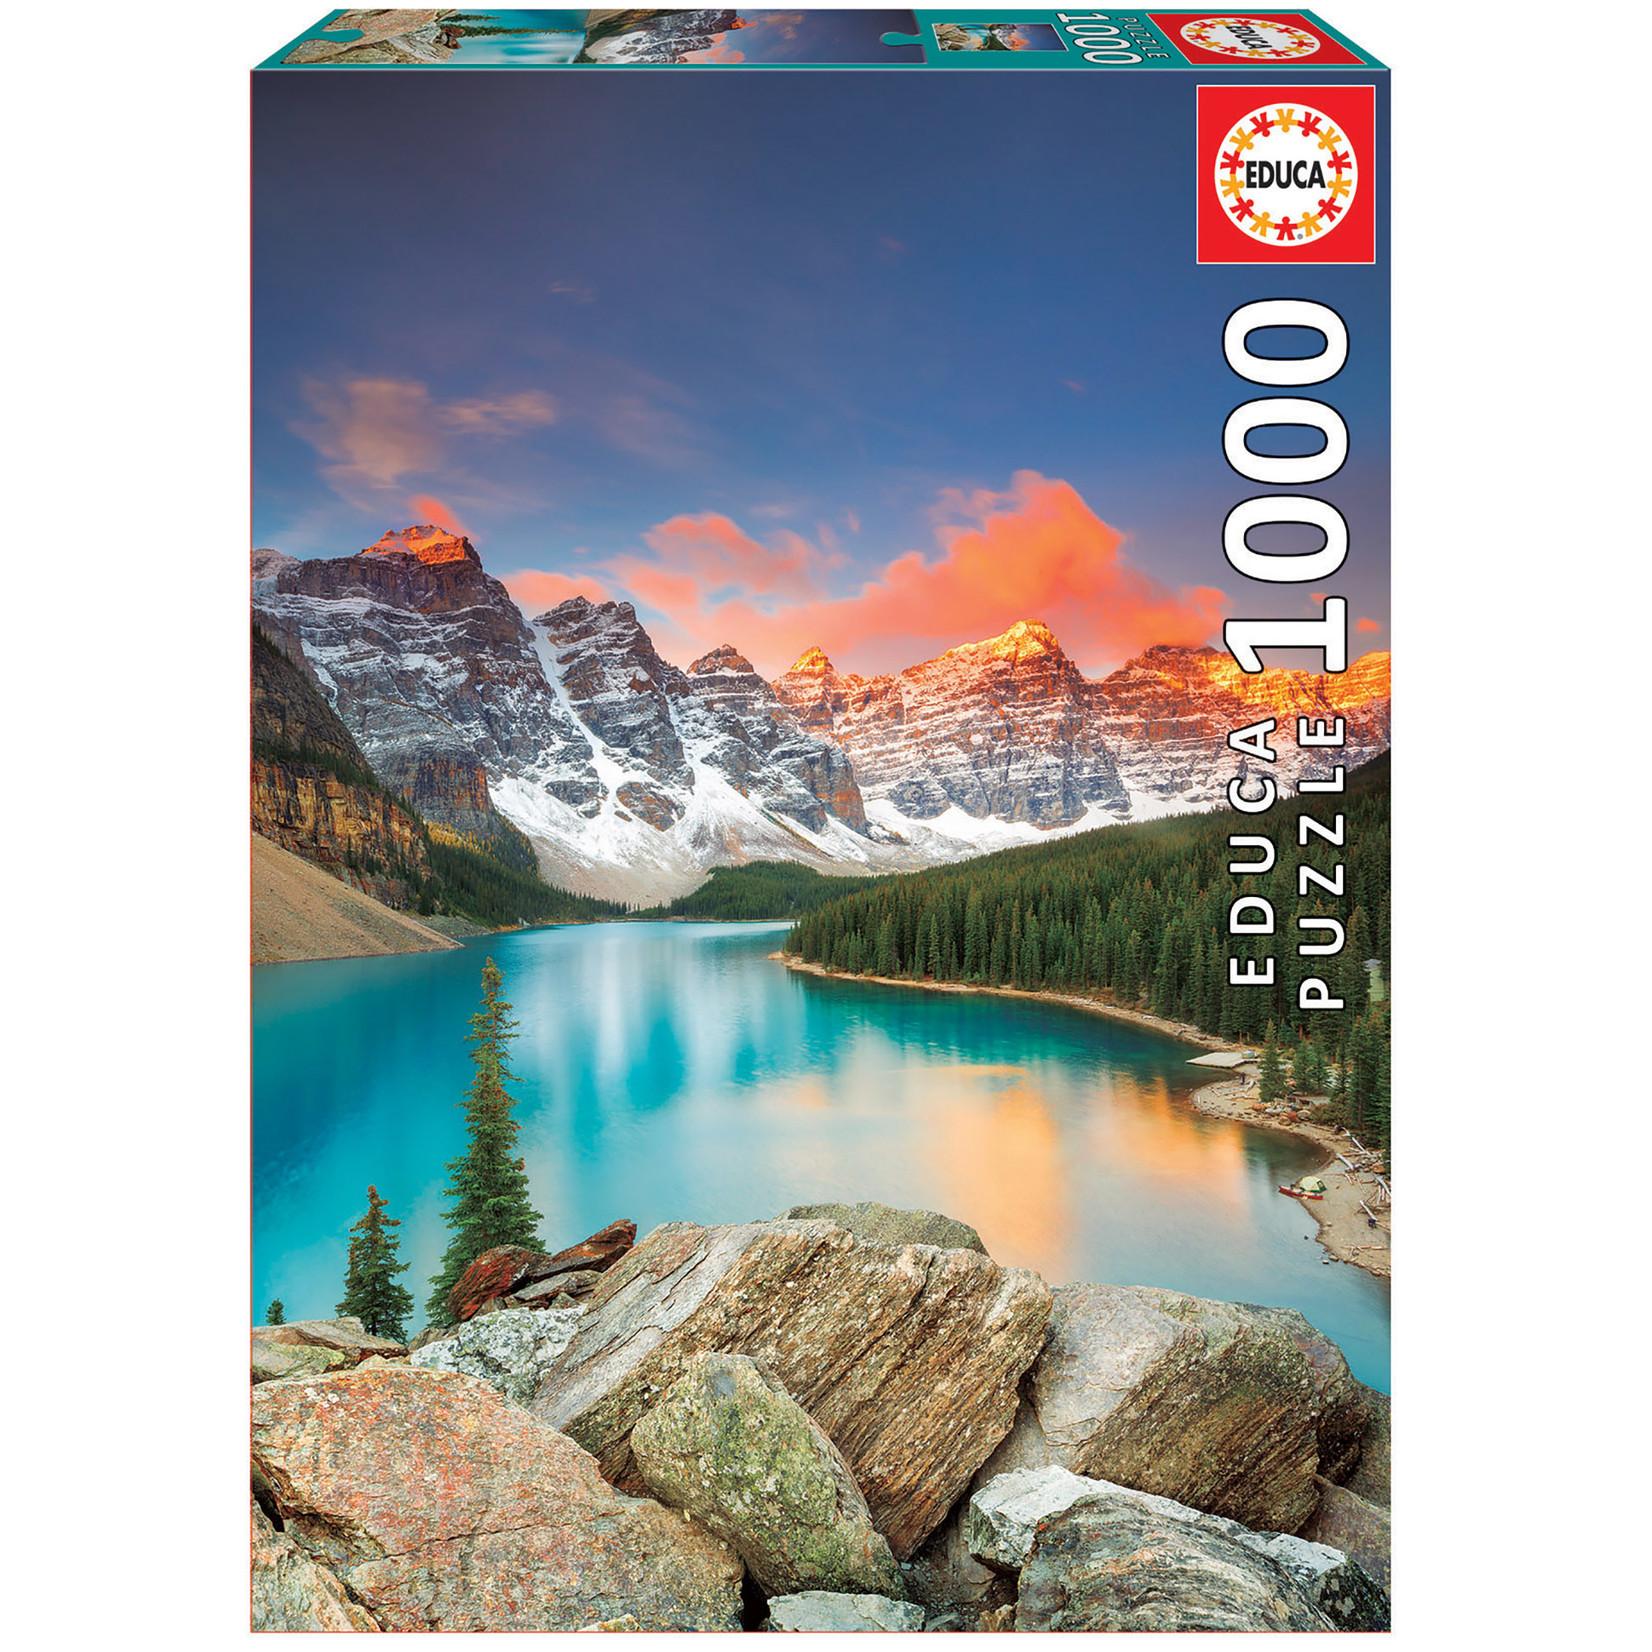 Educa Puzzles Moraine Lake Banff 1000pc